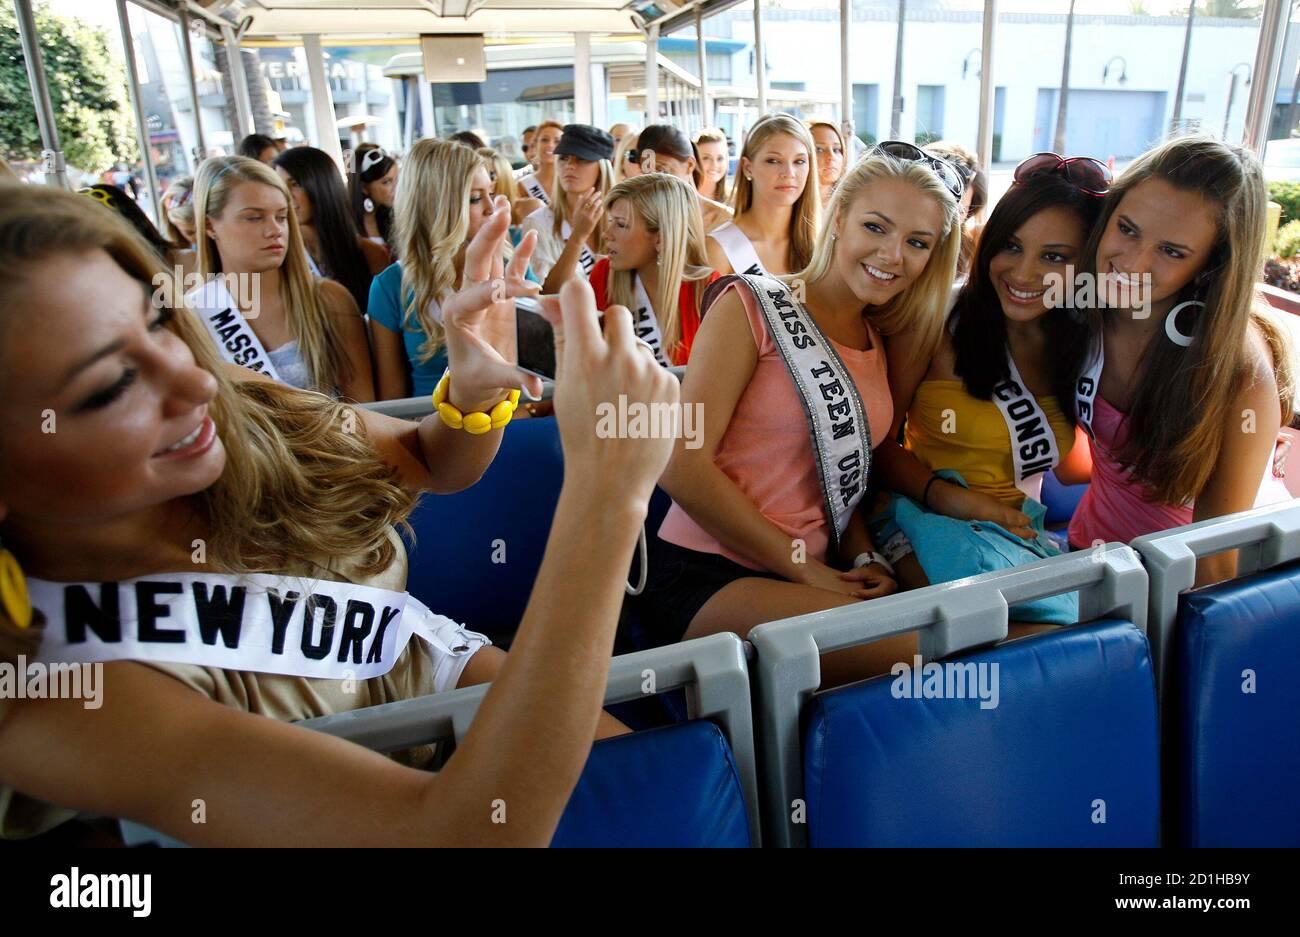 Miss New York Teen USA Tatiana Pallagi (L) fotografiert Miss Teen USA 2006 Katie Blair (2. L), Miss Wisconsin Teen USA Shauna Angel Sabir (2. R) und Miss Georgia Teen USA Jena Michelle Sims während einer Tour durch die Universal Studios in Universal City, Kalifornien, 17. August 2007. Die 25. Miss Teen USA Parade wird am 24. August in Pasadena stattfinden. REUTERS/Mario Anzuoni (USA) Stockfoto